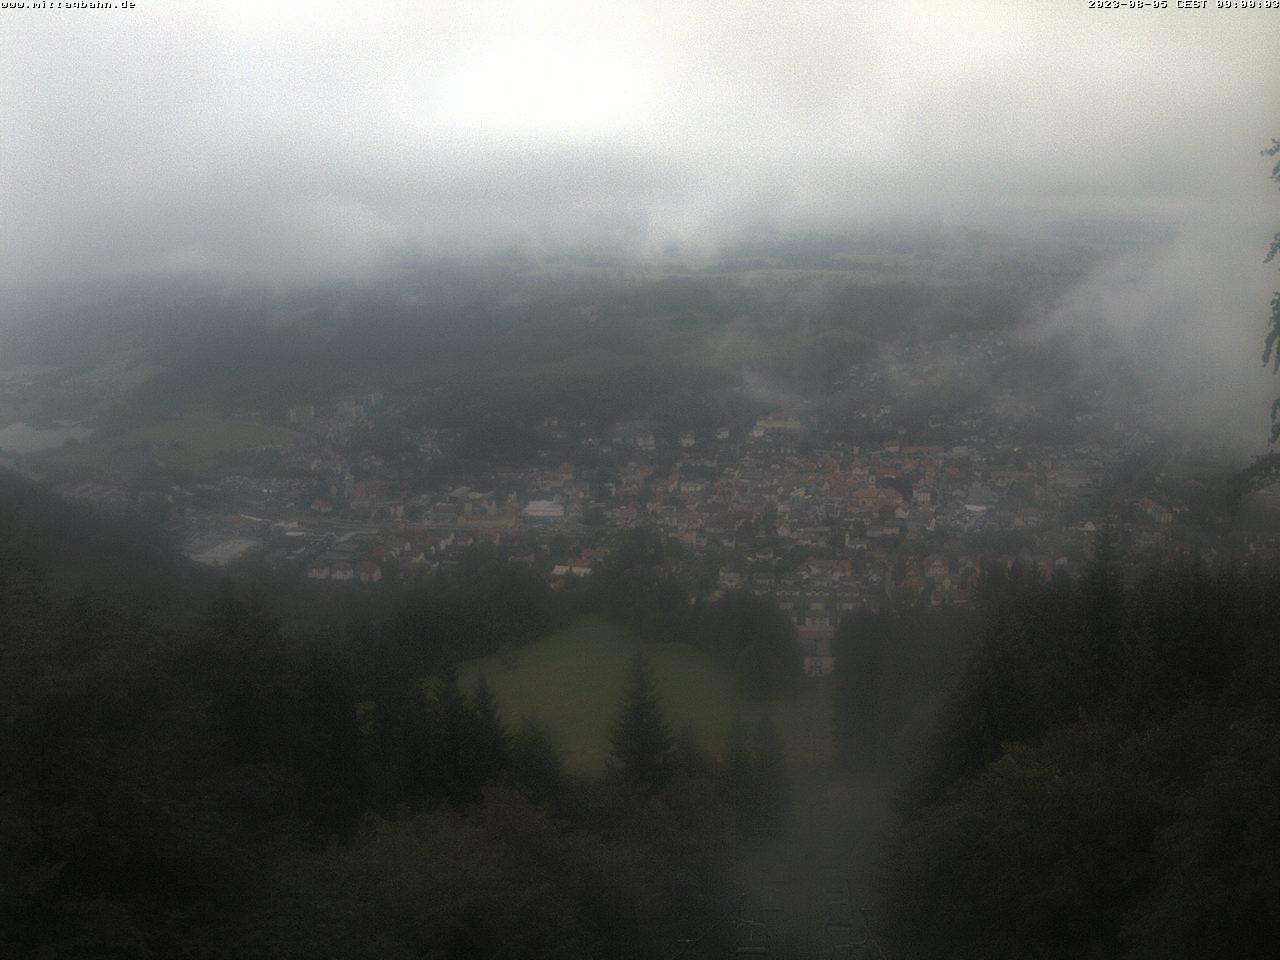 Webcam mit Blick auf Immenstadt